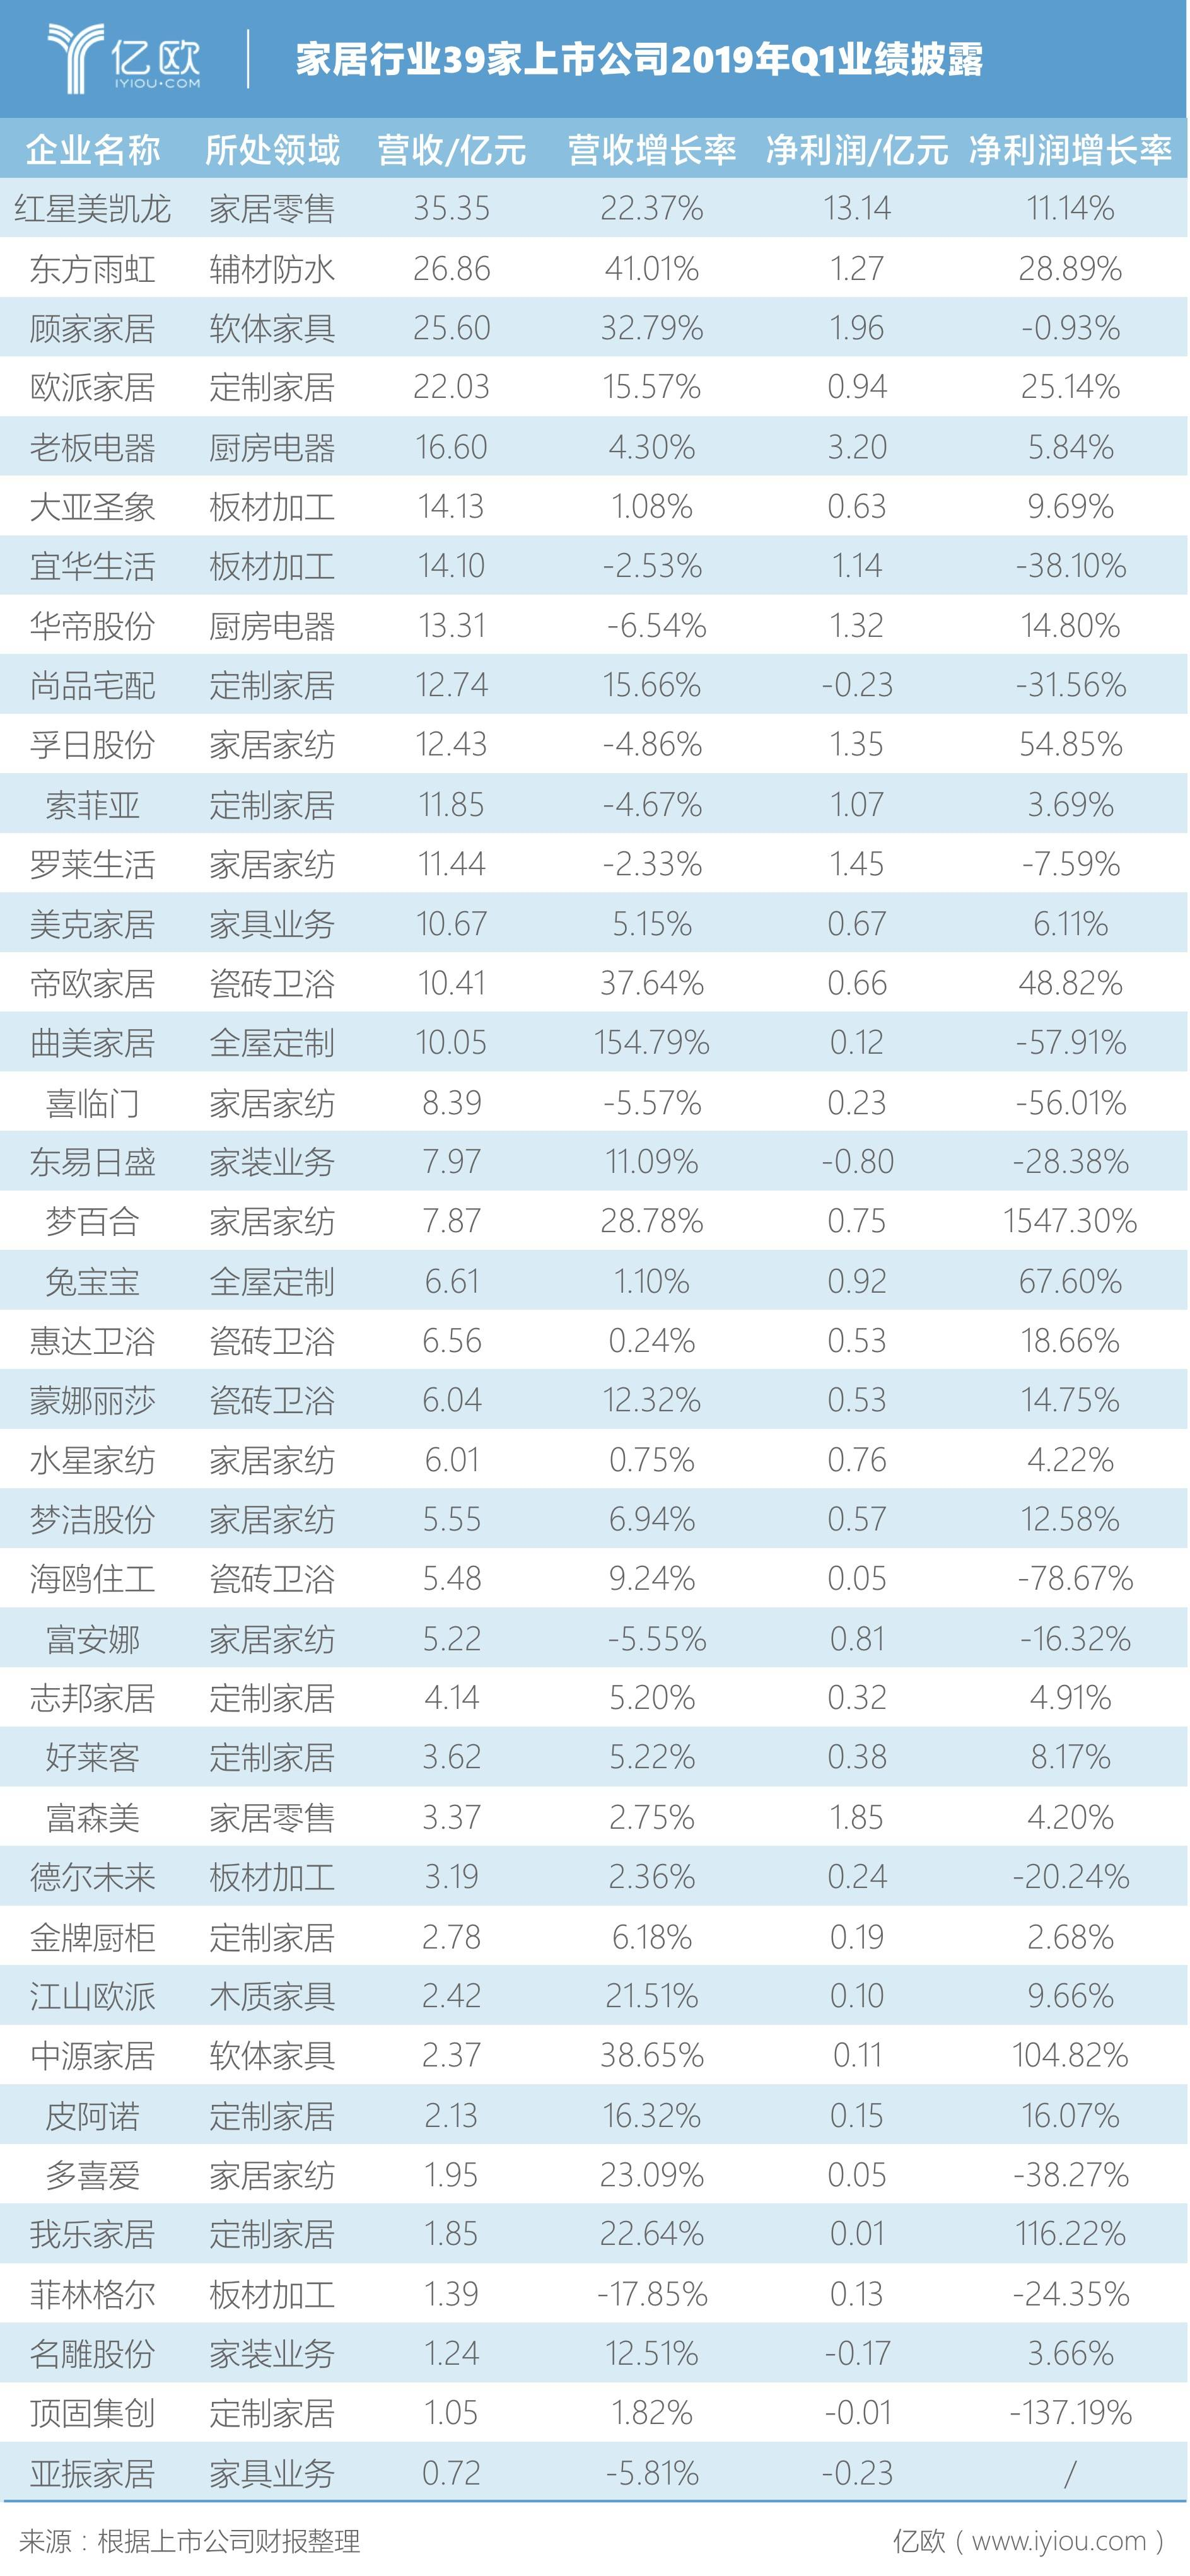 家居行业39家上市公司2019年Q1业绩披露